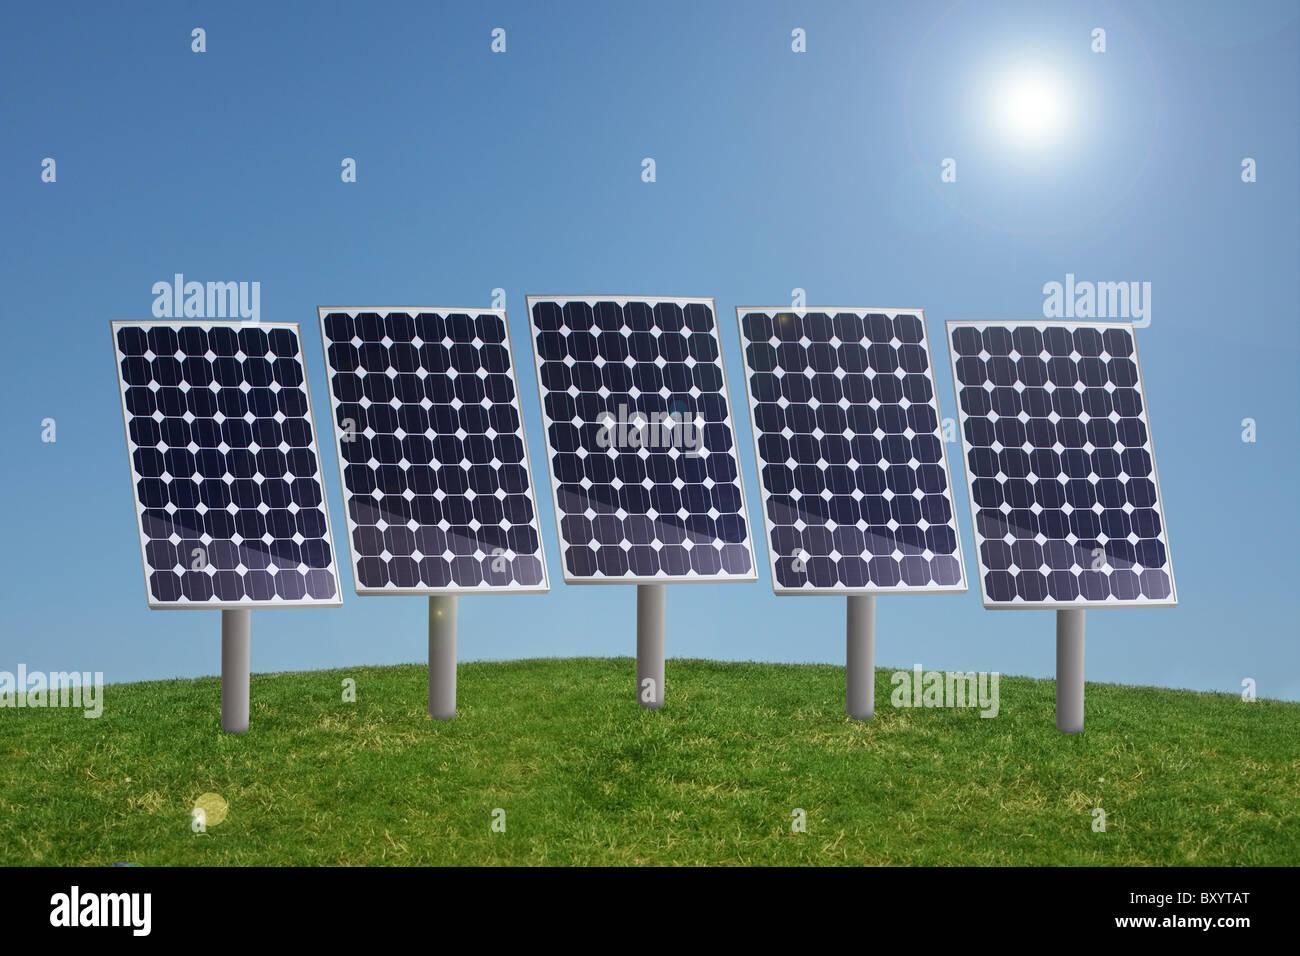 Fila de paneles solares en la hierba con el azul del cielo y el sol Imagen De Stock